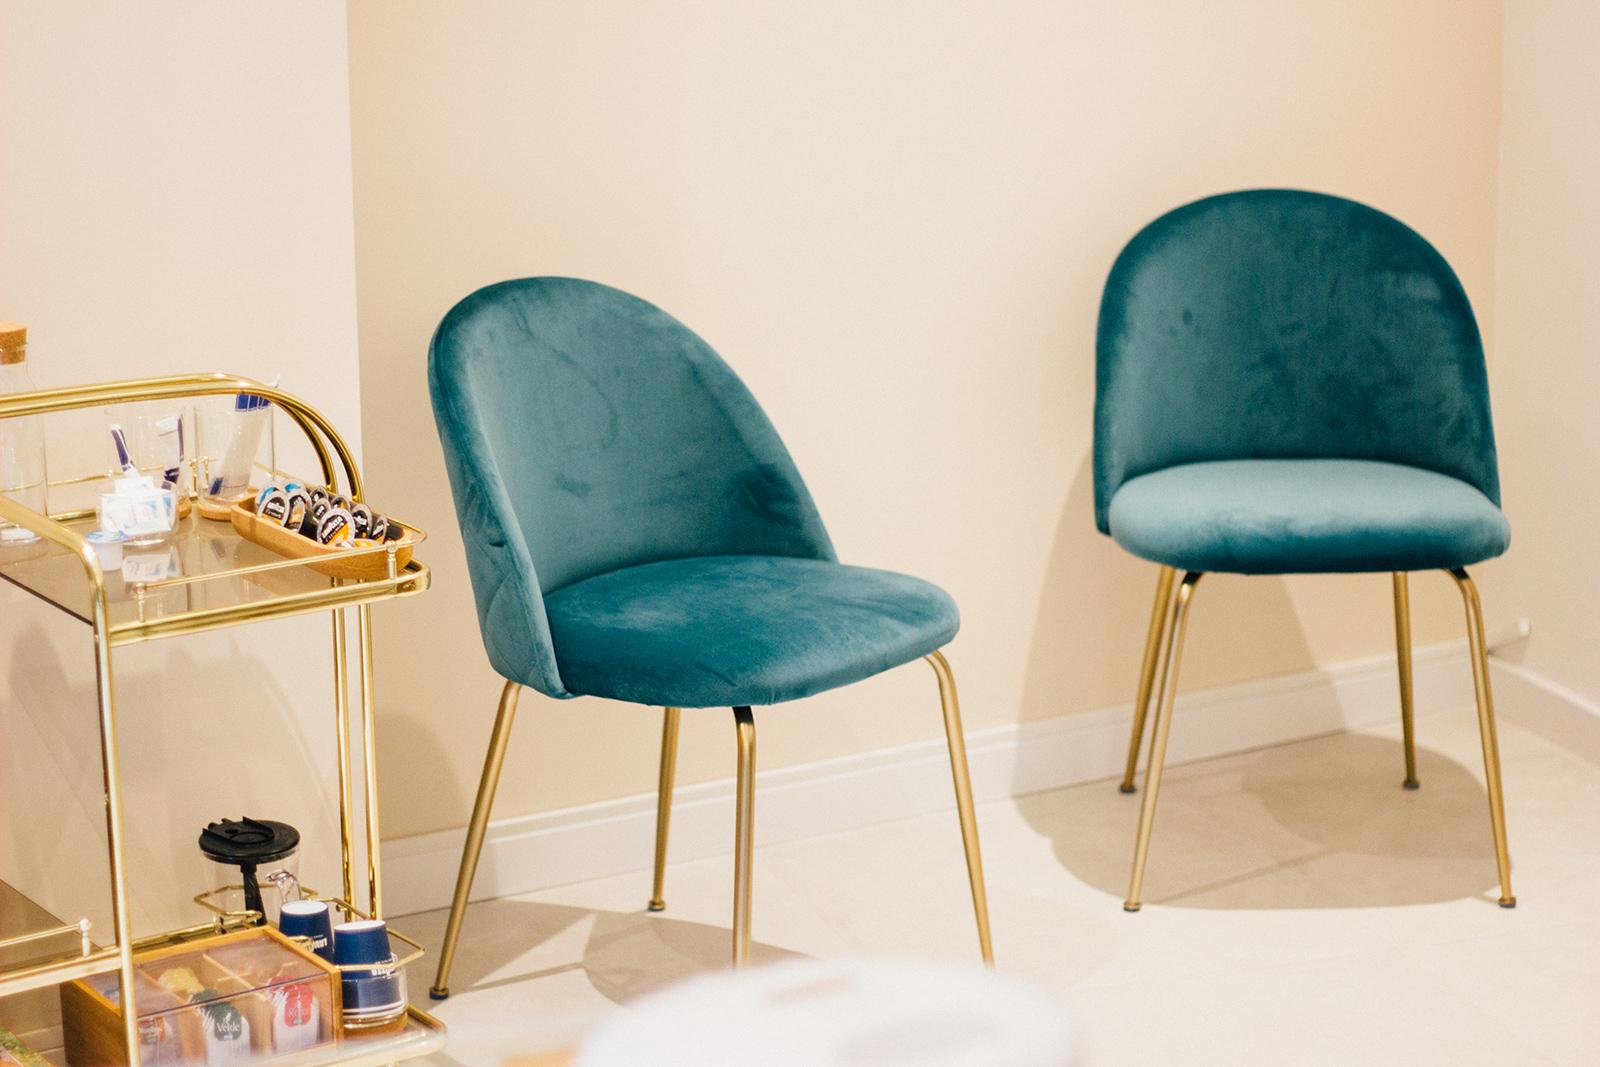 conjunto de sillas en el gabinete de Sabrina Navarro